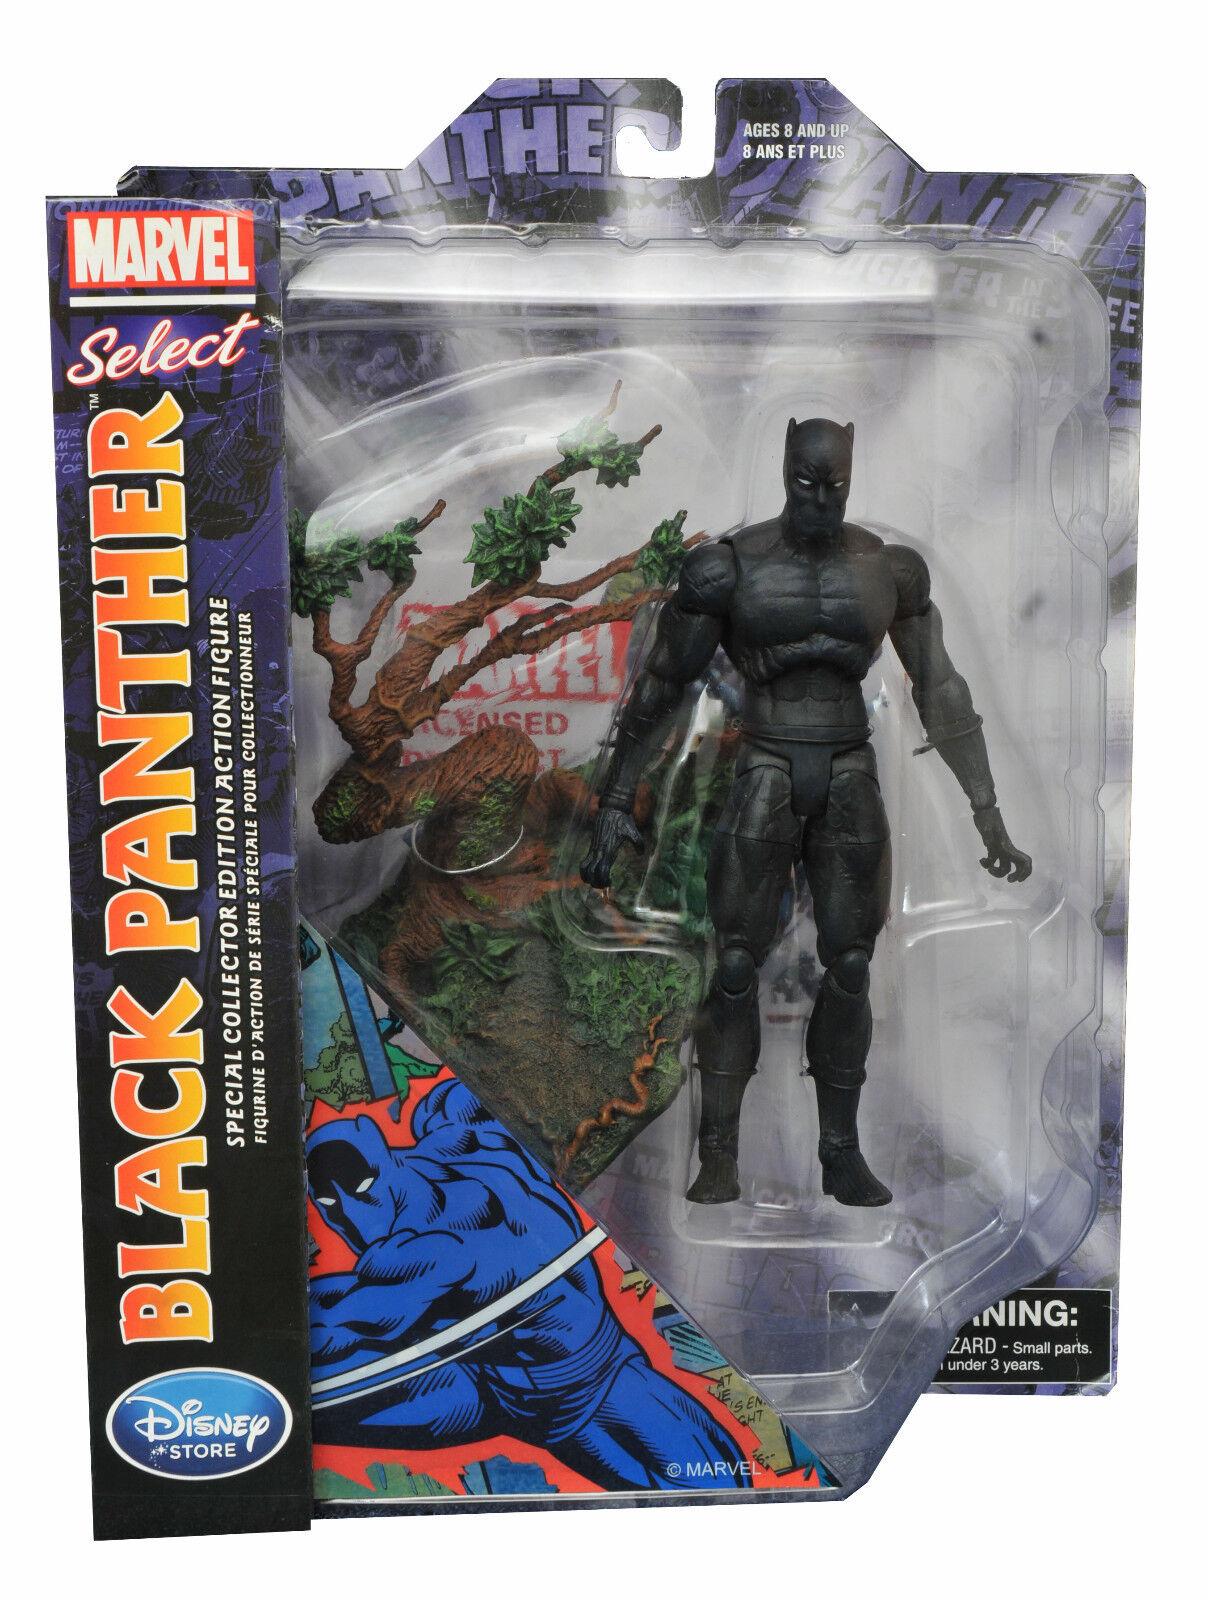 Marvel Select Figuras-Guardianes de la galaxia los los los Vengadores Ghostbusters-Nuevo 3a4aff